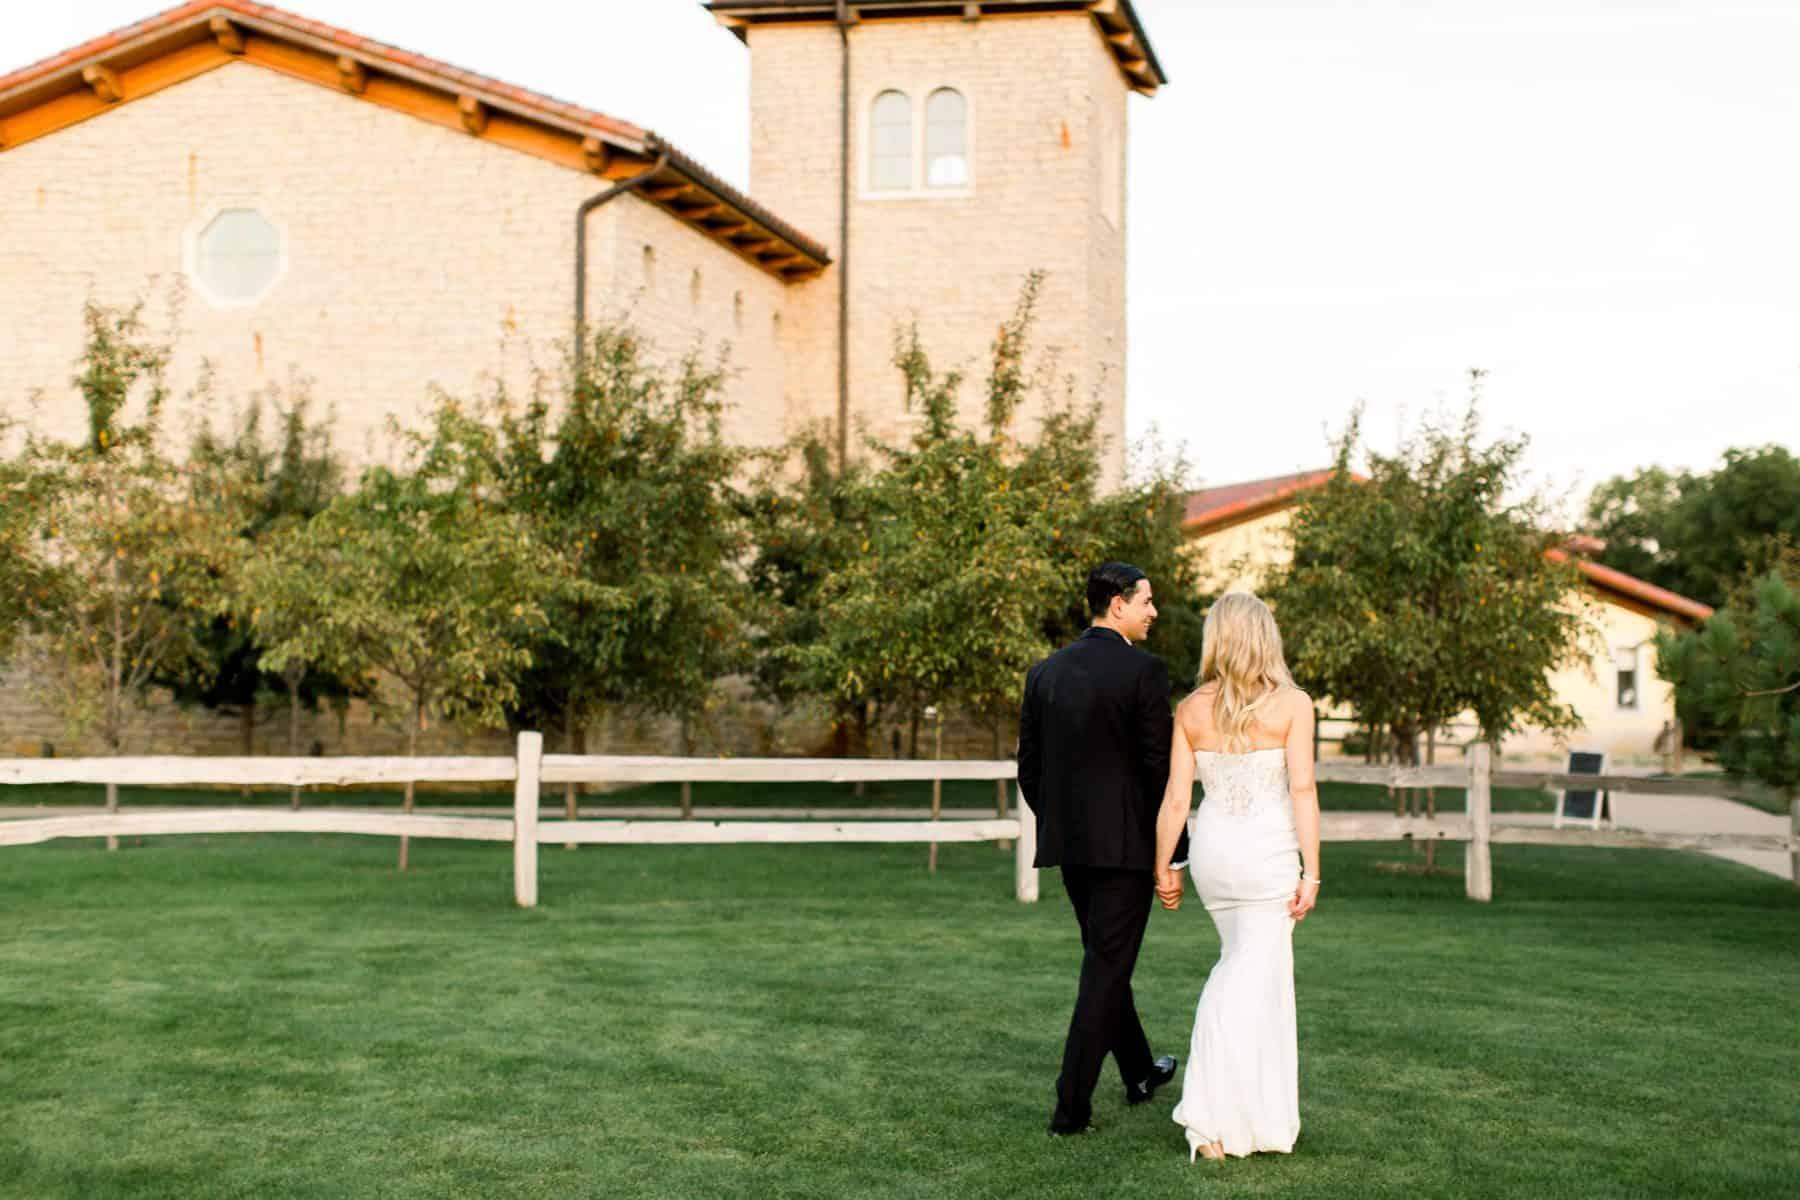 Weddings at Villa Belleza